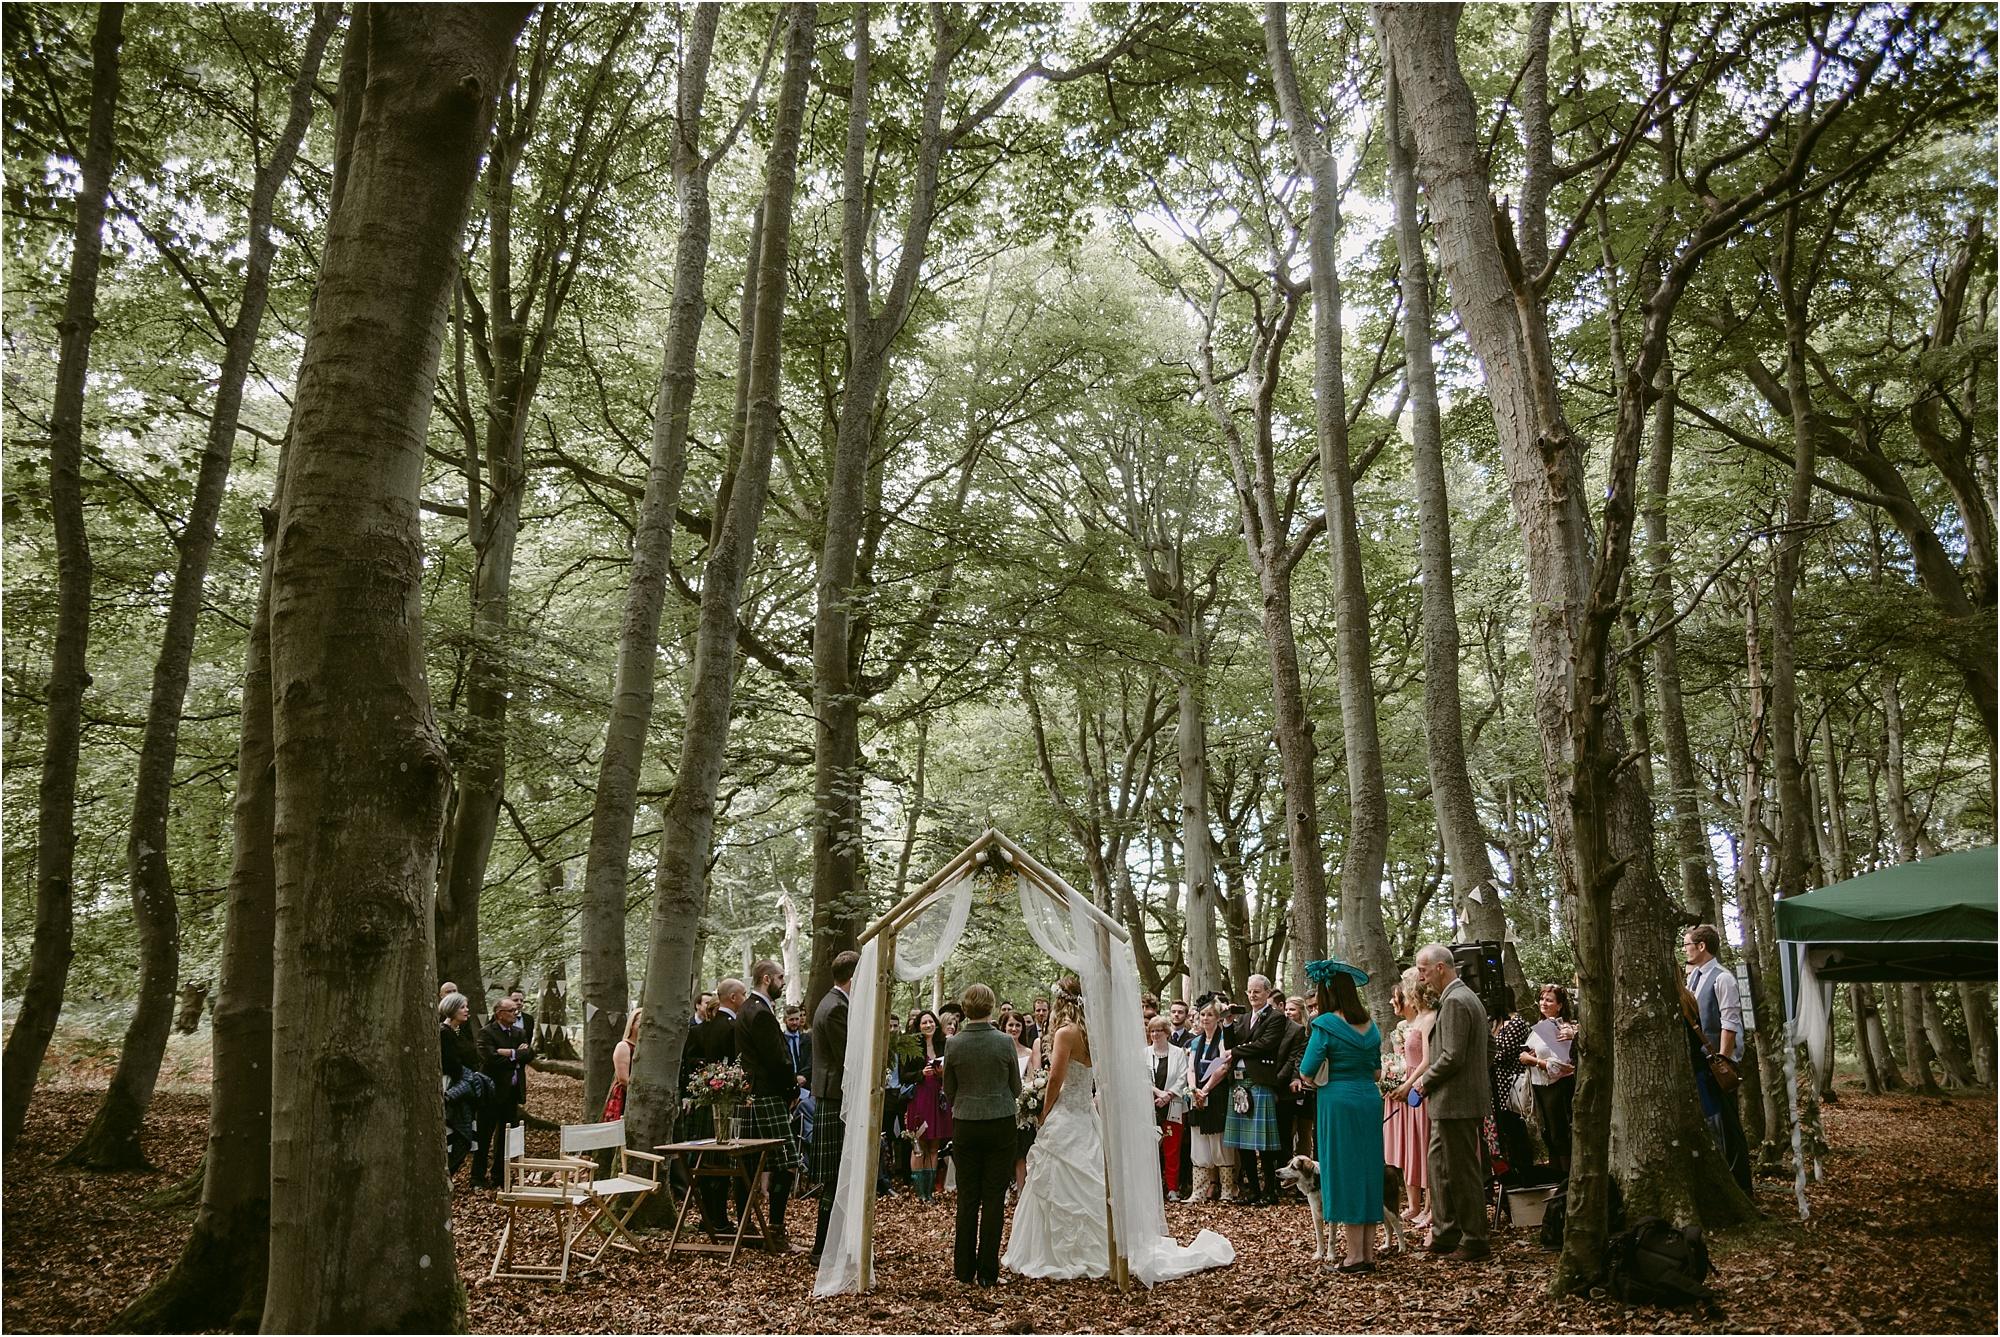 Scottish-outdoor-forest-wedding-edinburgh__0042.jpg